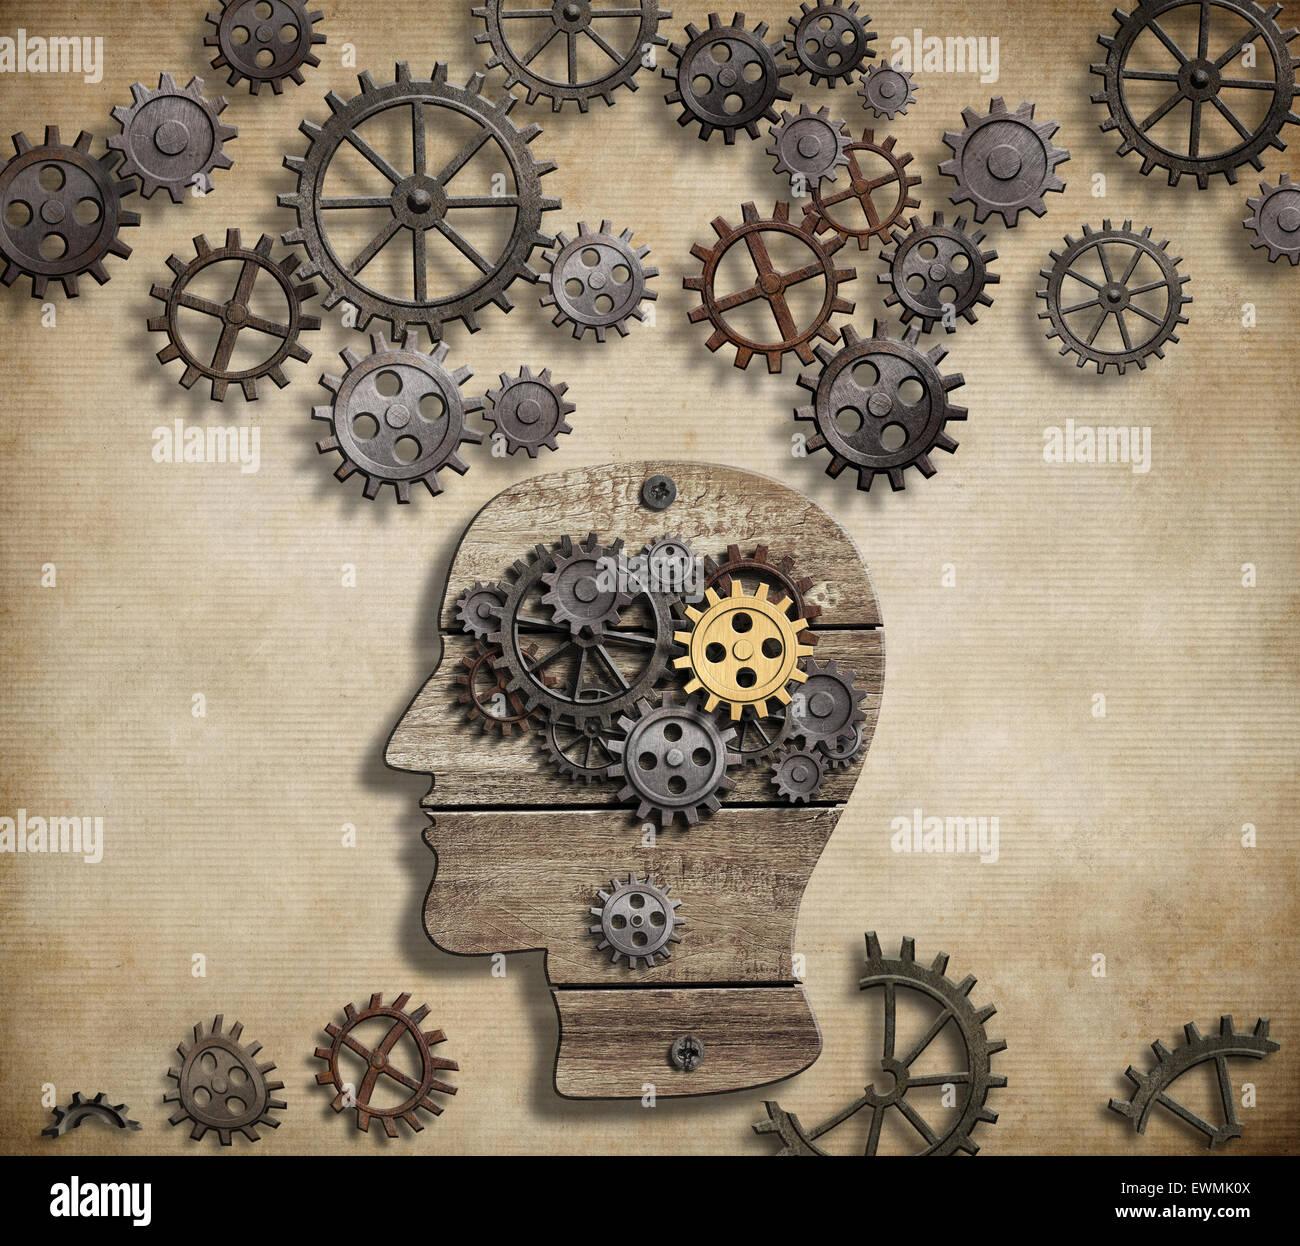 Gehirn geistige Aktivität, Psychologie, Erfindung und Idee Konzept Stockbild